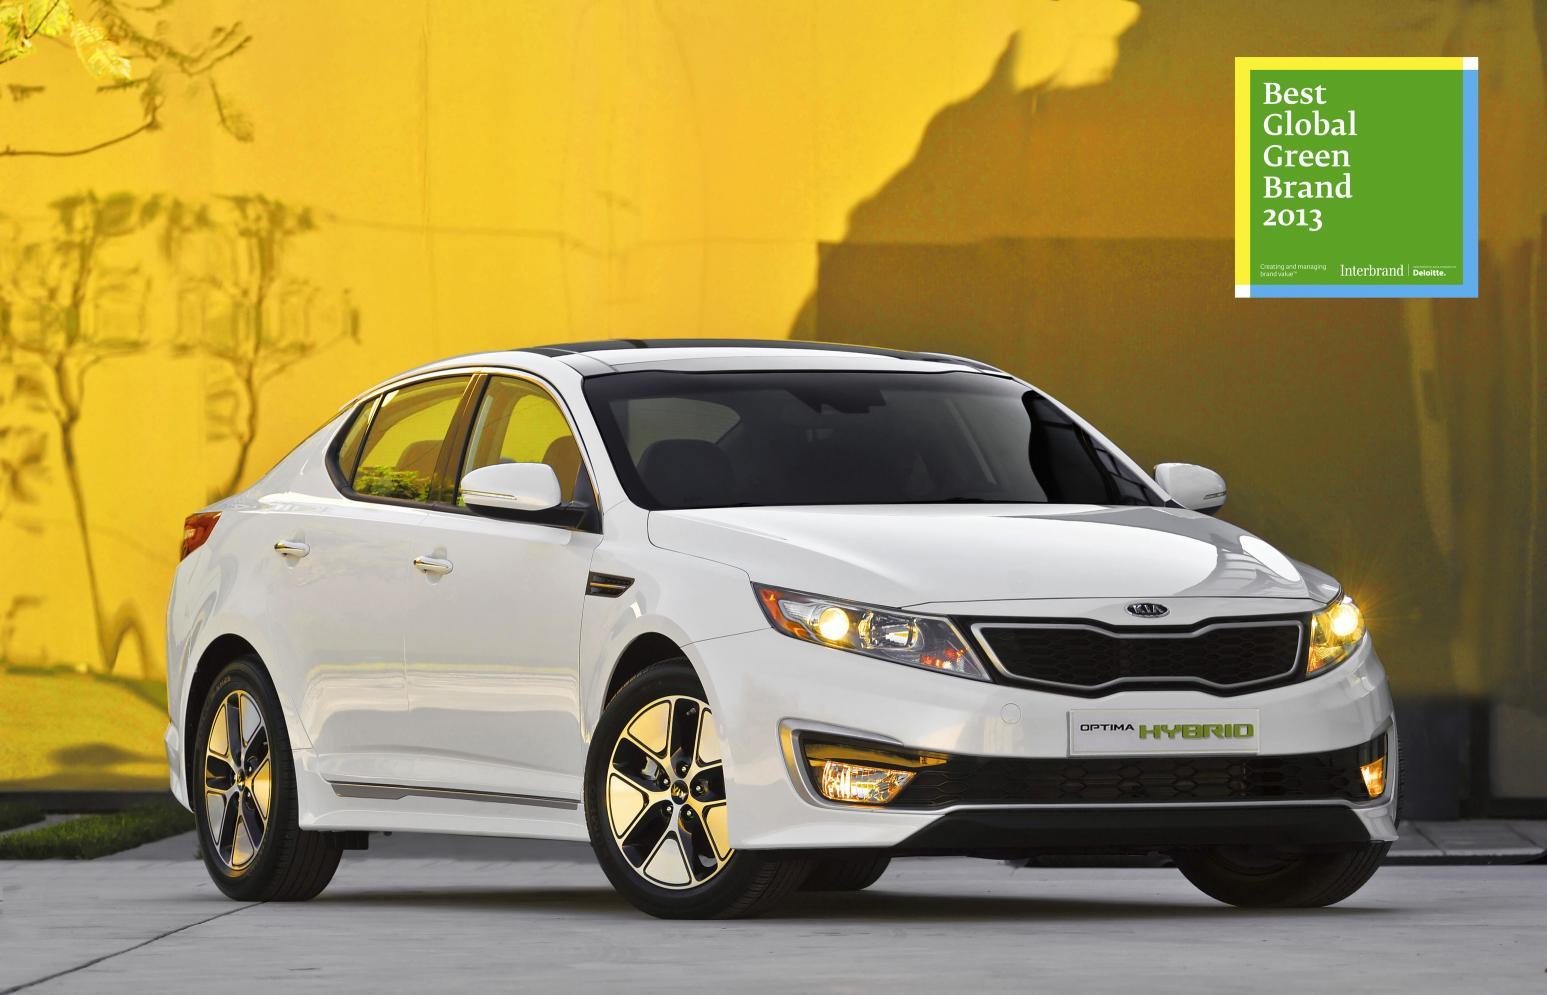 Kia Makes The Clean Cut On Top 50 Green Brand List